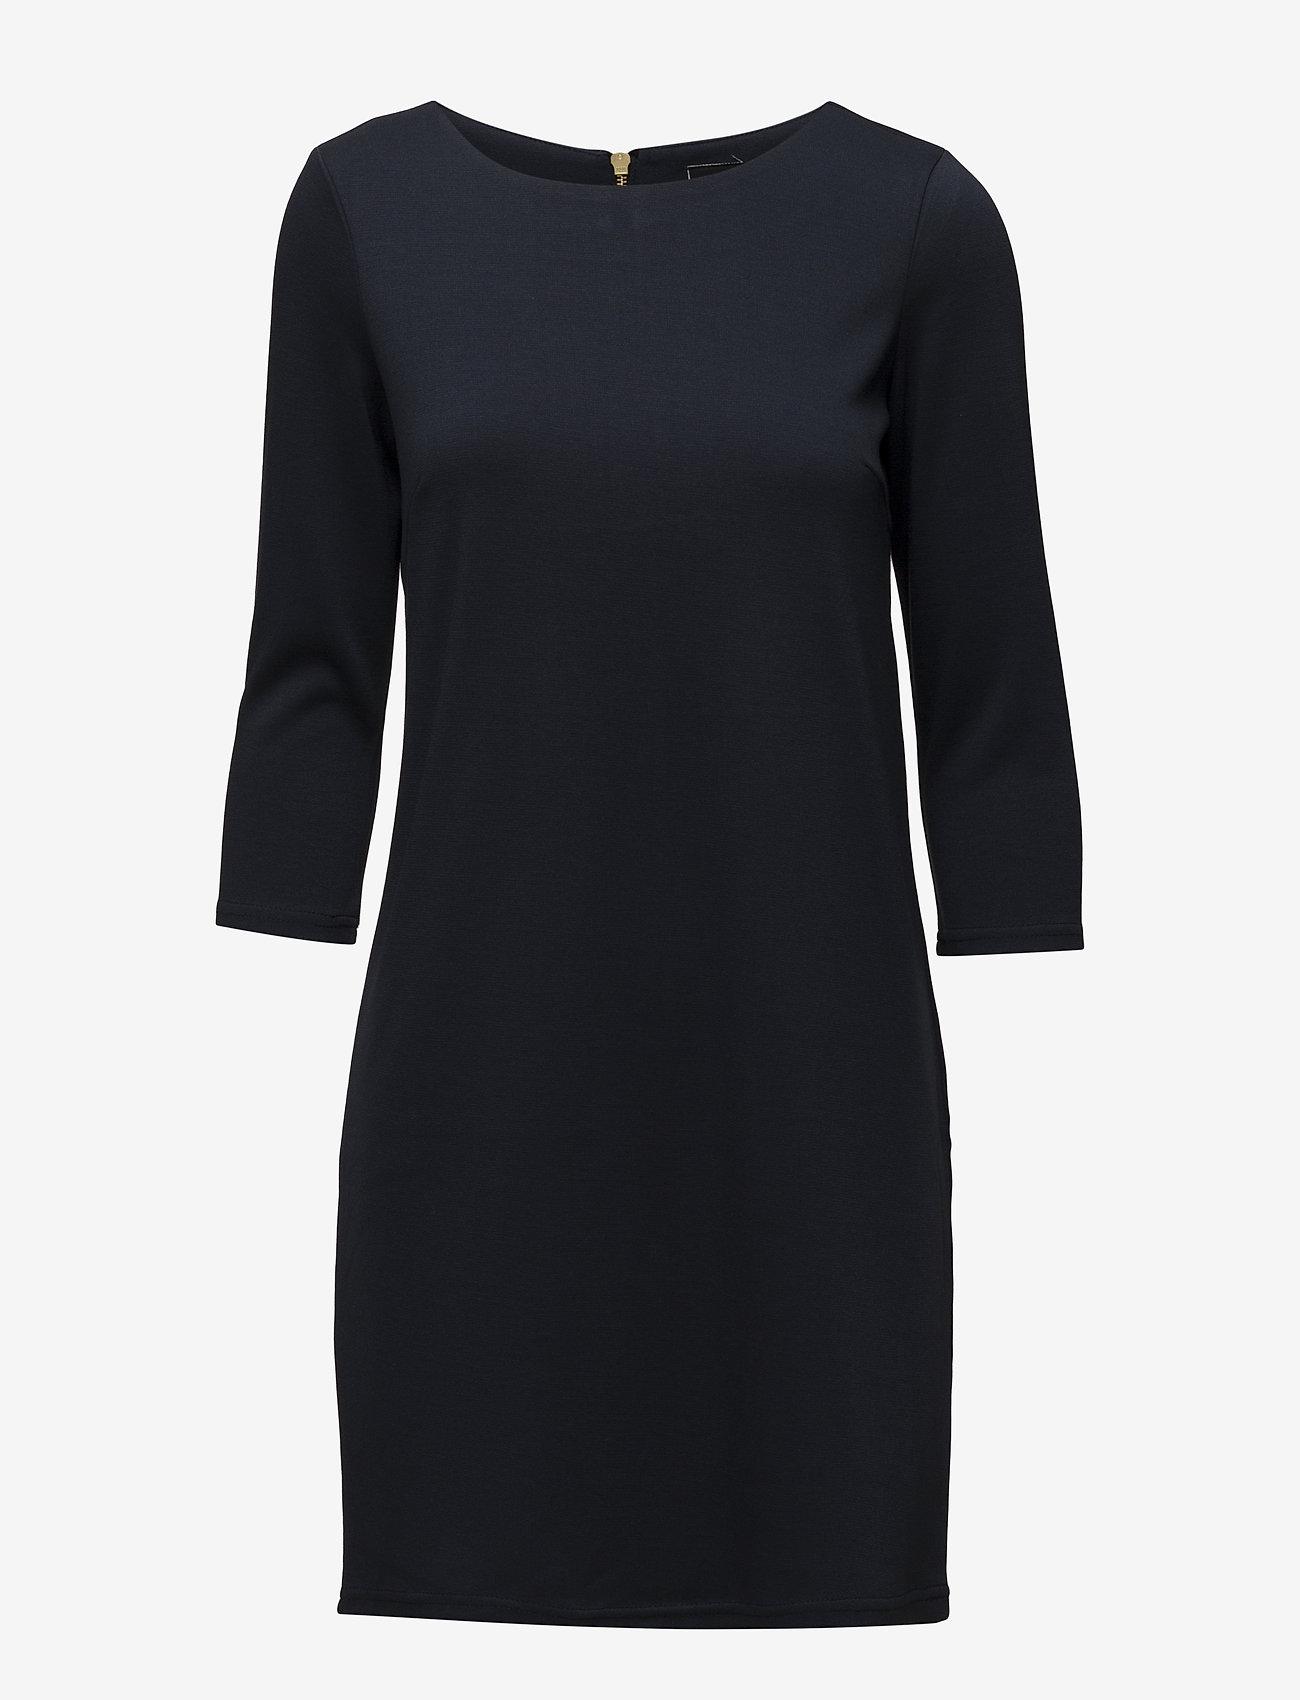 Vila - VITINNY NEW DRESS-NOOS - short dresses - total eclipse - 0